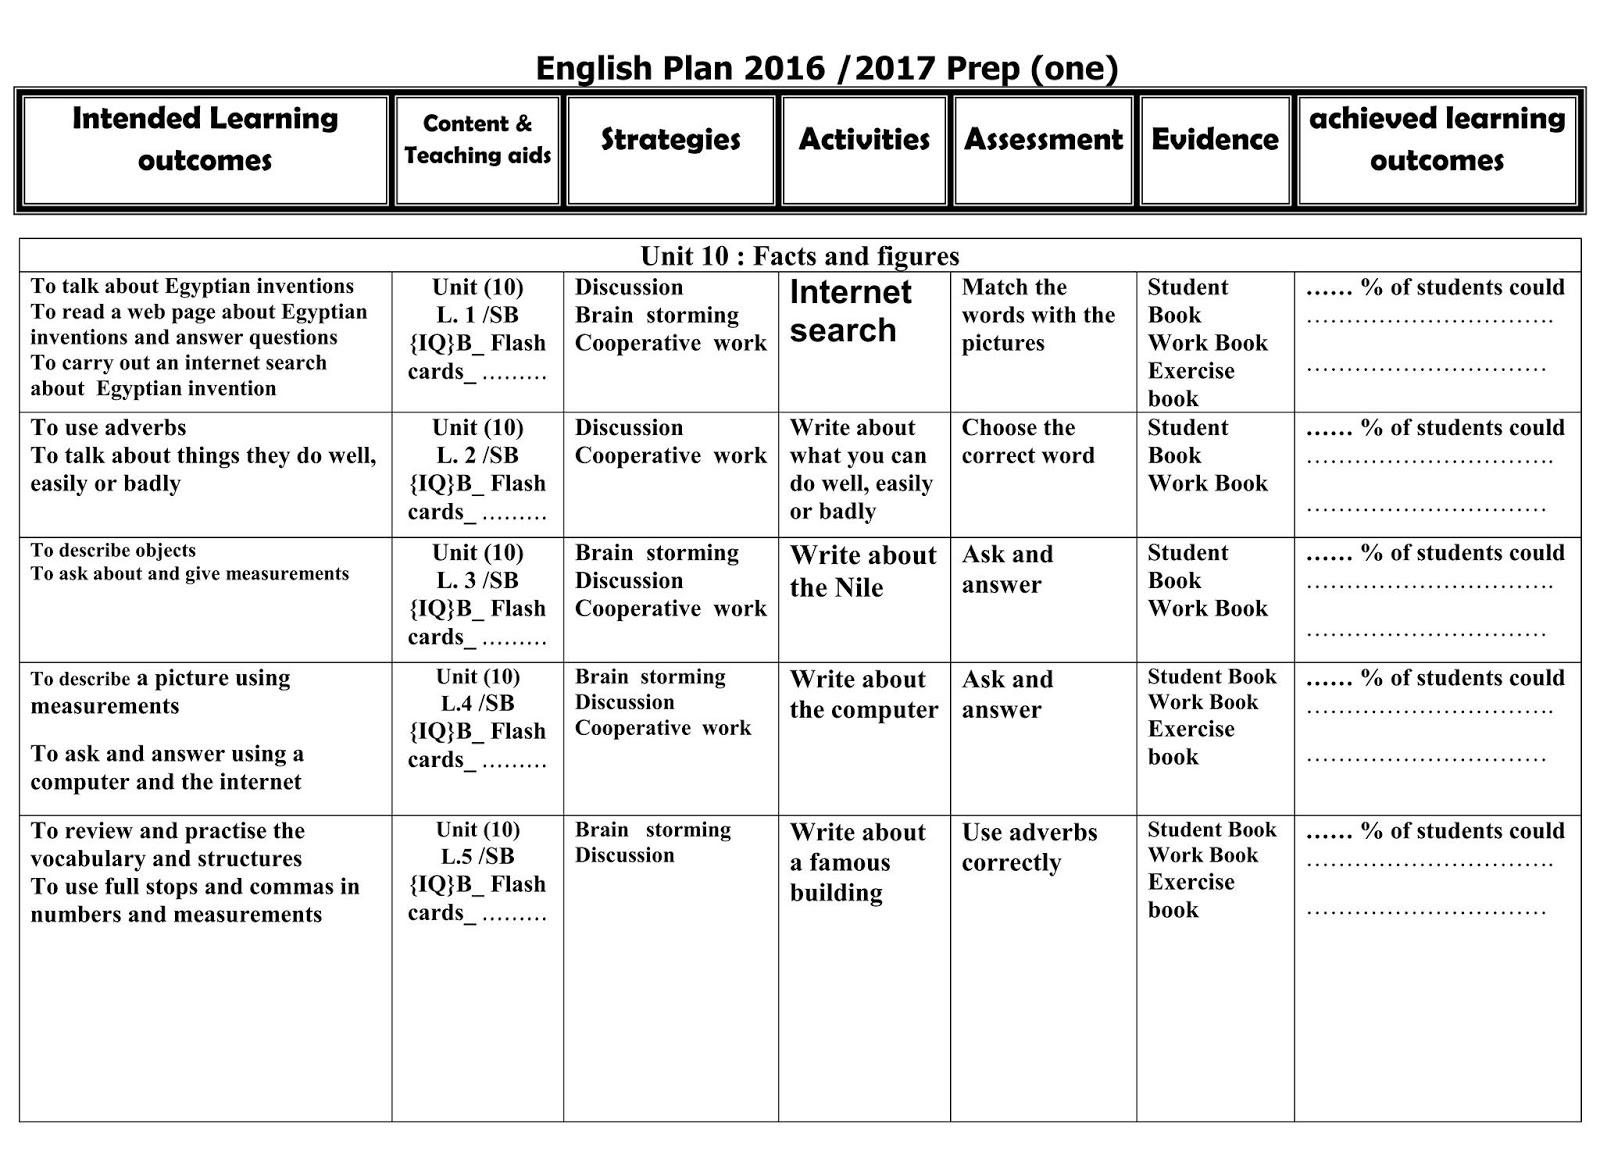 تحميل خريطة ونواتج التعلم فى اللغة الانجليزية للصف الاول الاعدادي الترمين كاملا,المنهج الجديد 2018